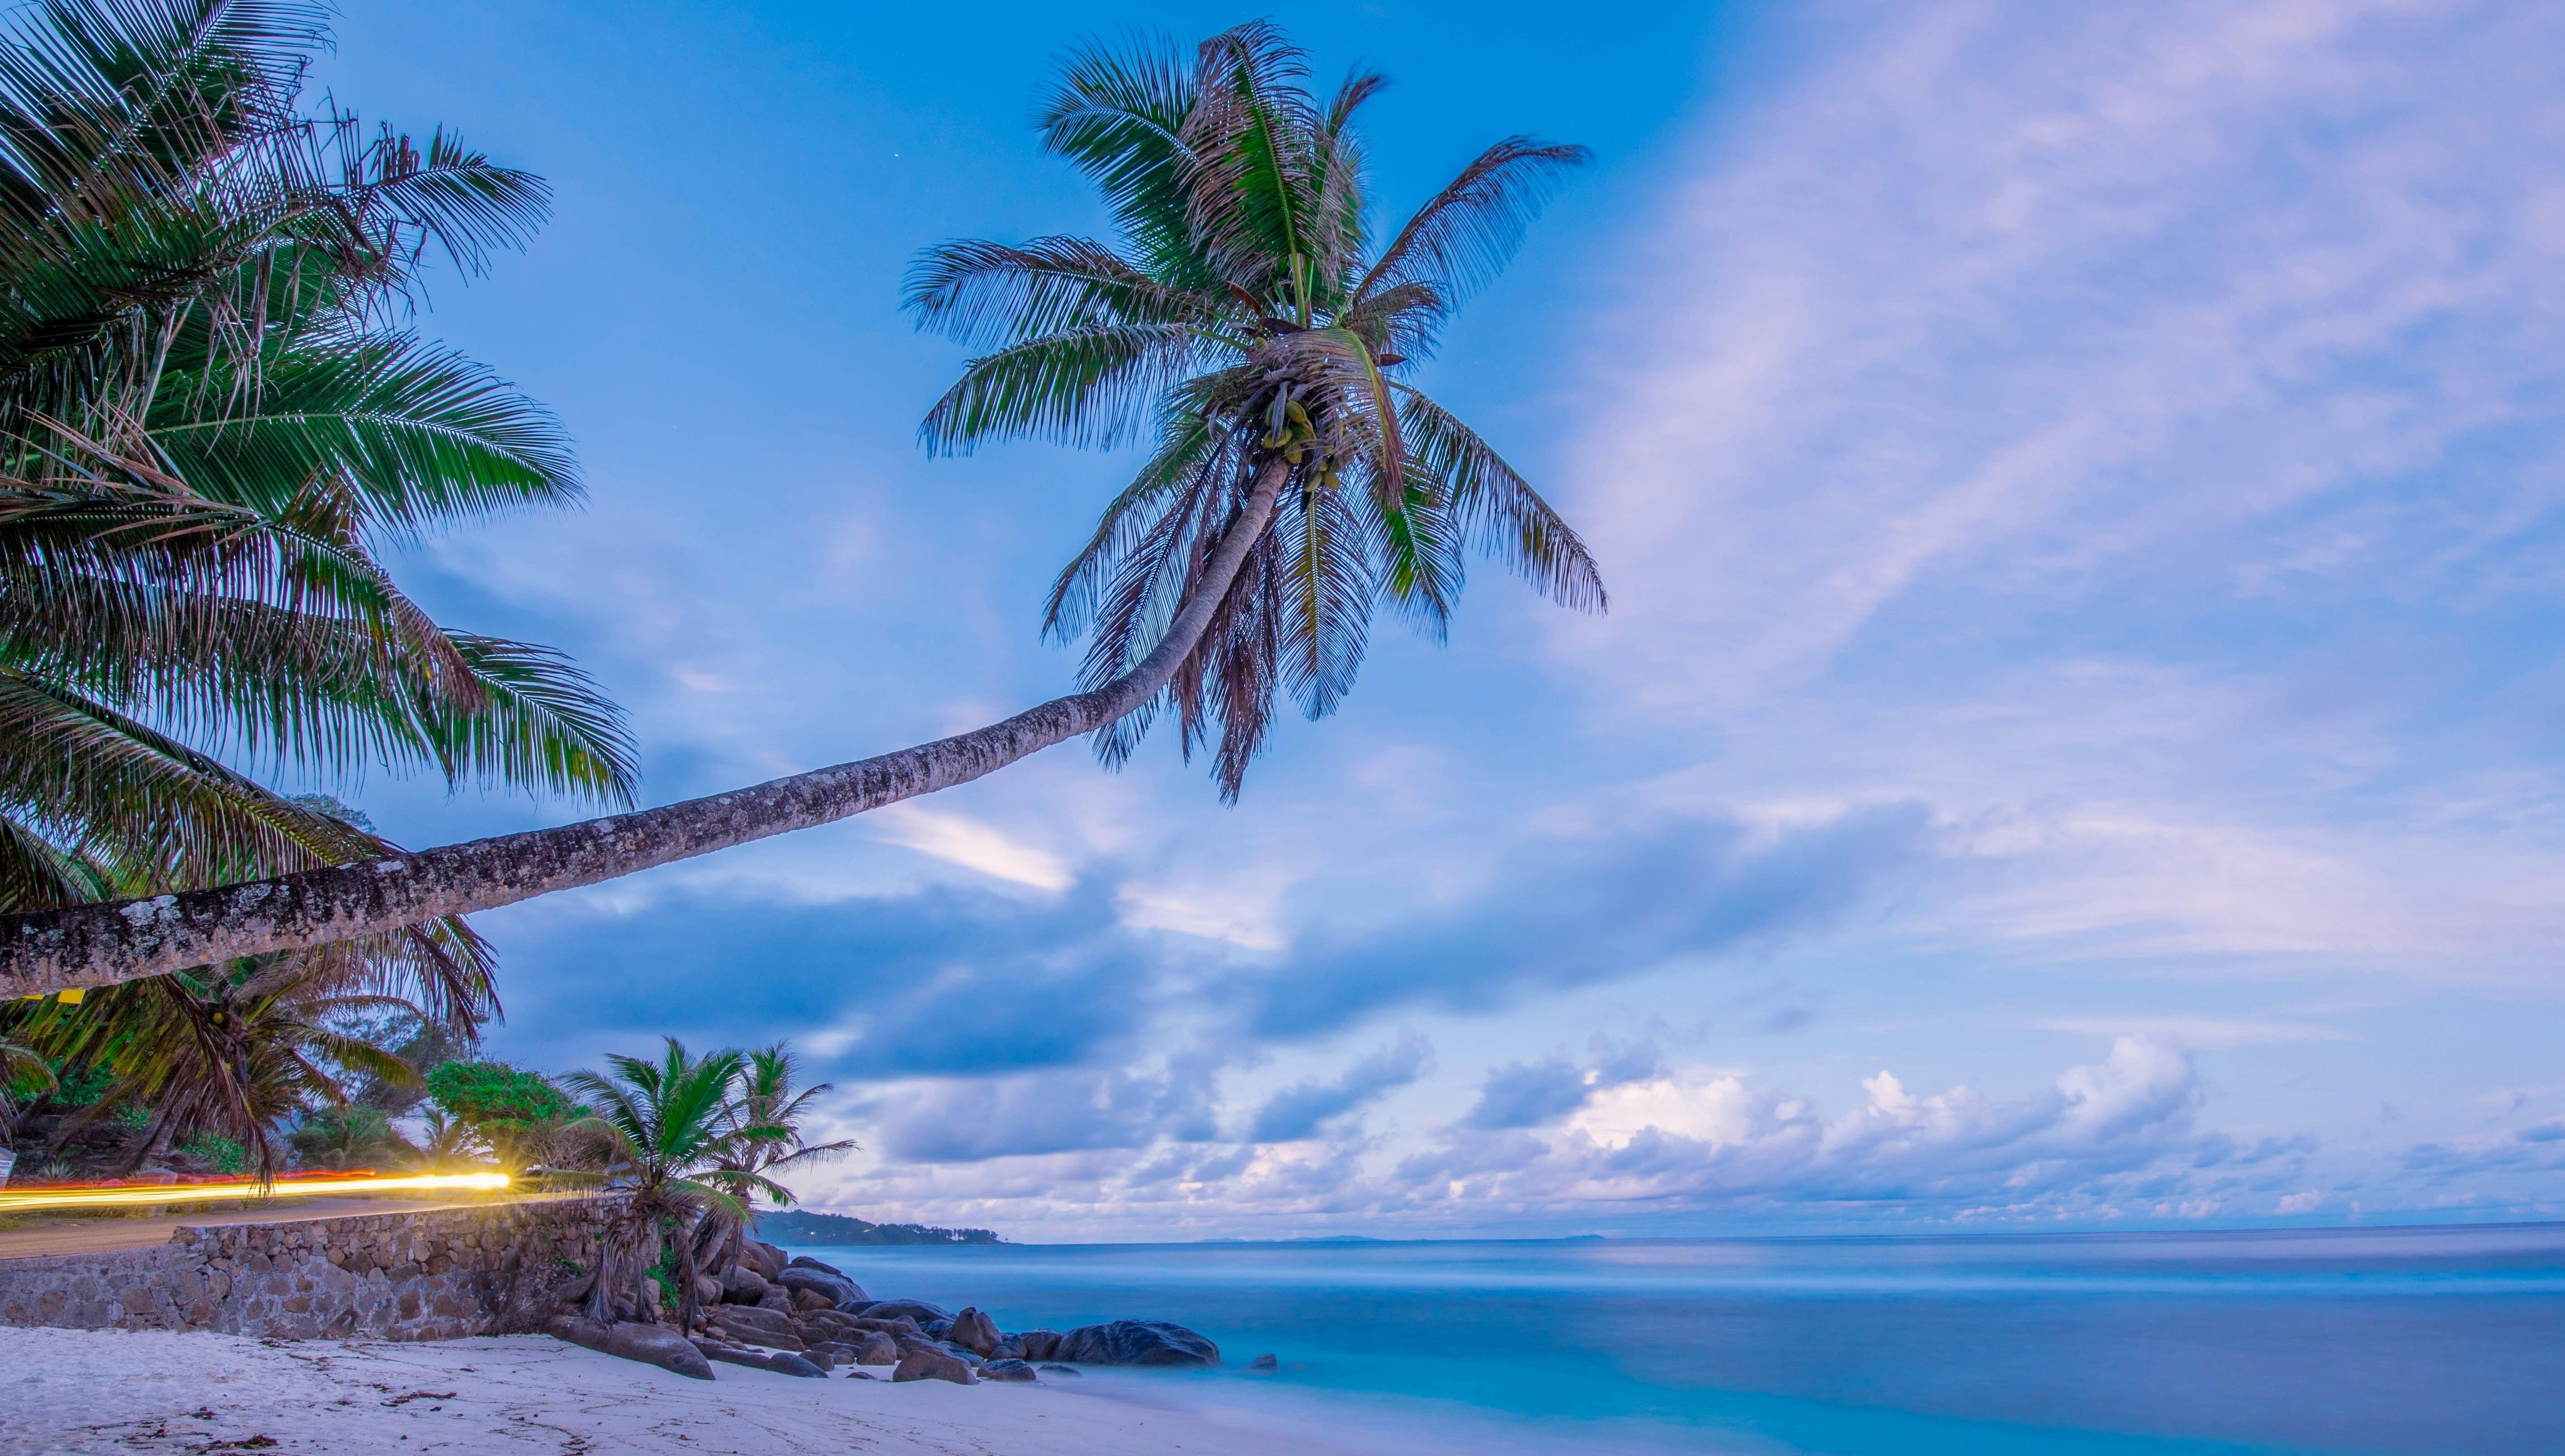 Картинка море с пальмами большого разрешения